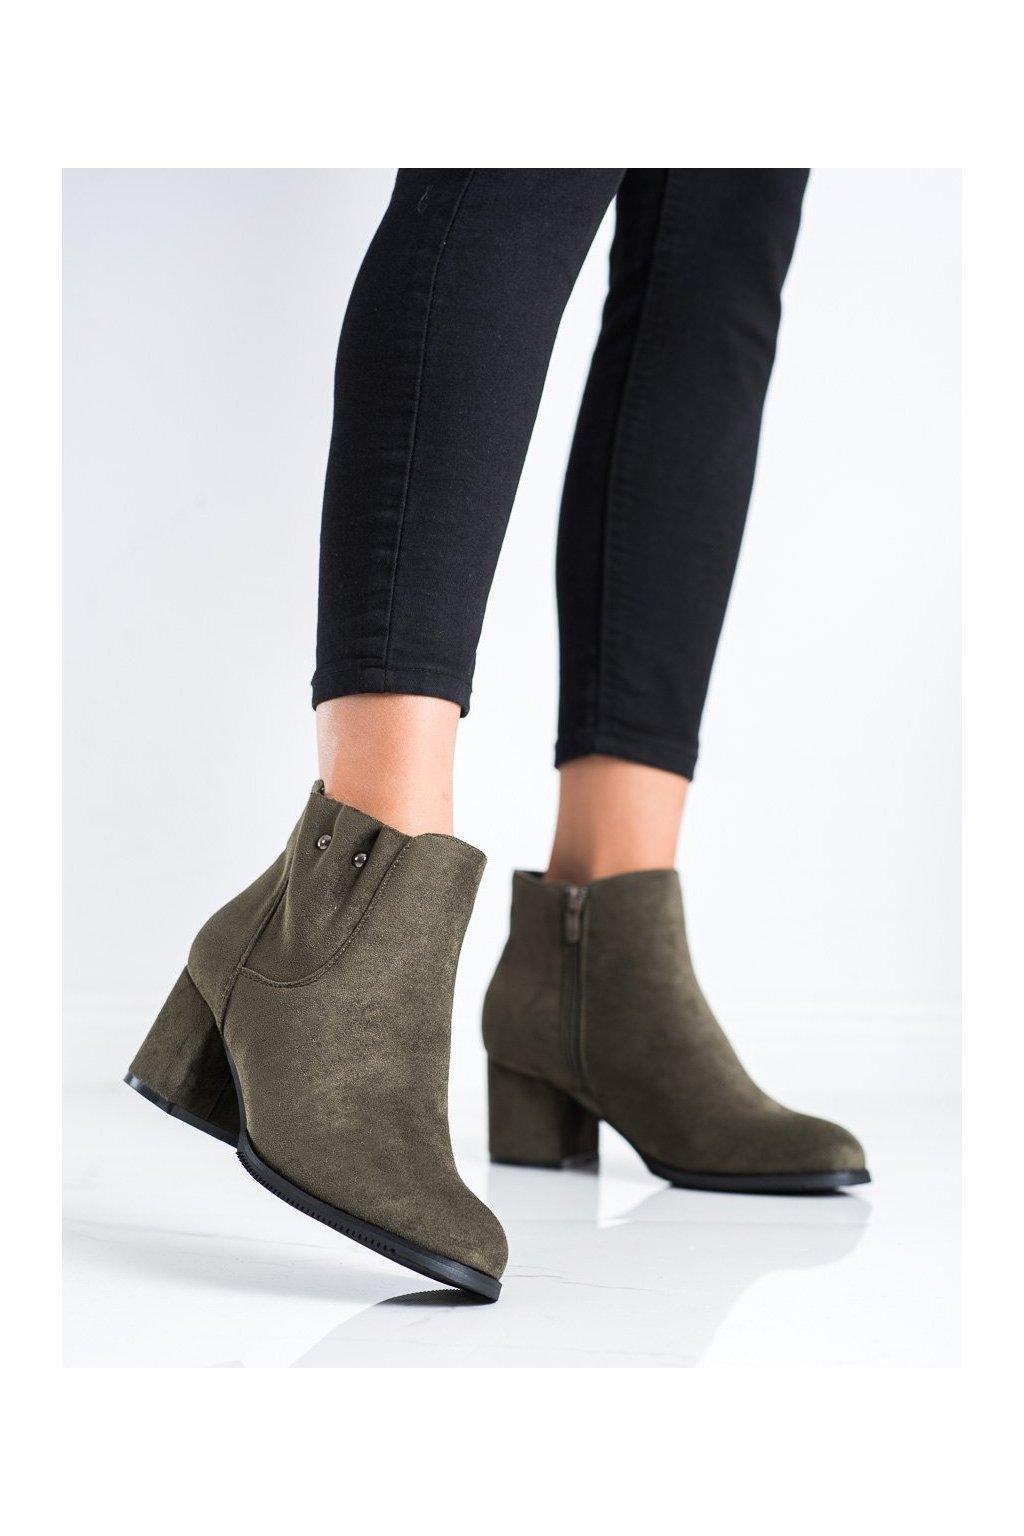 Zelené dámske topánky J. star kod 20Y8053GR